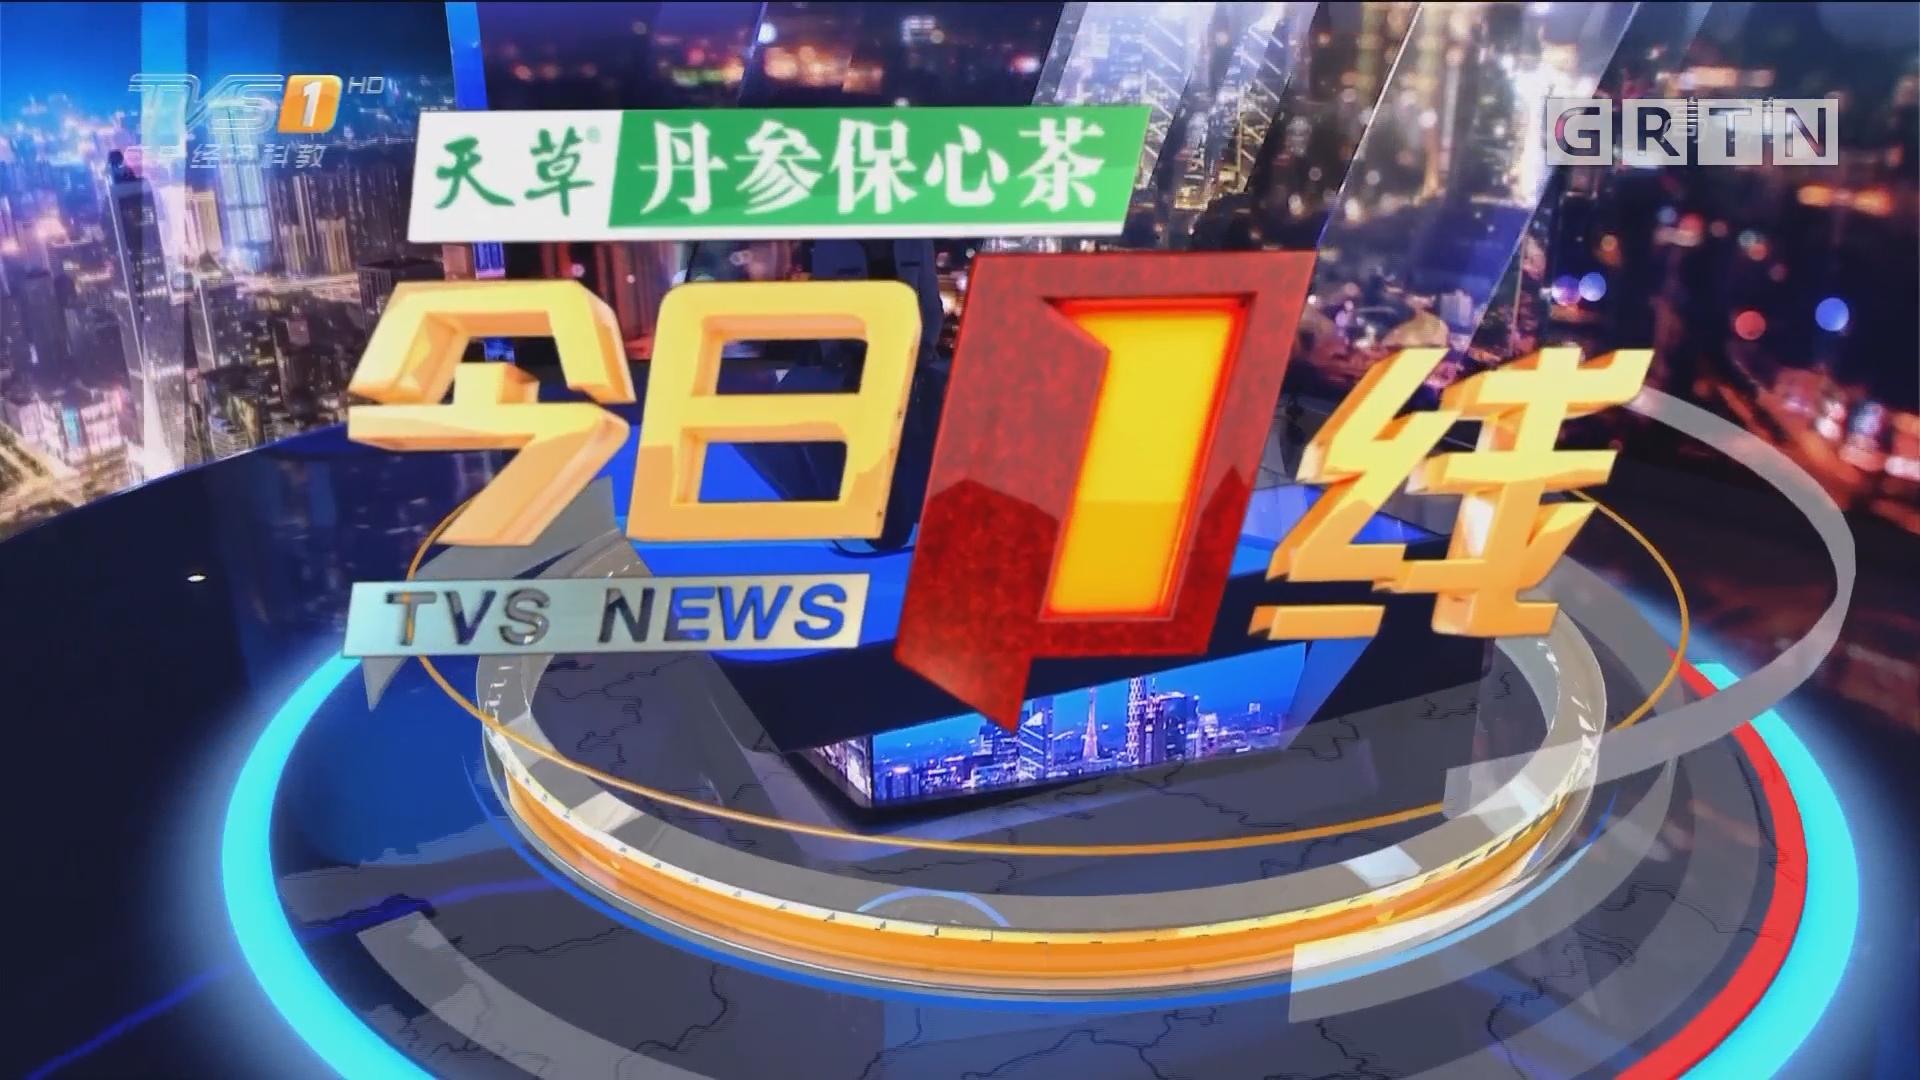 """[HD][2018-08-15]今日一线:关注台风""""贝碧嘉"""":徐闻 琼州海峡停航 过万辆车候航 超2.3万人滞留"""